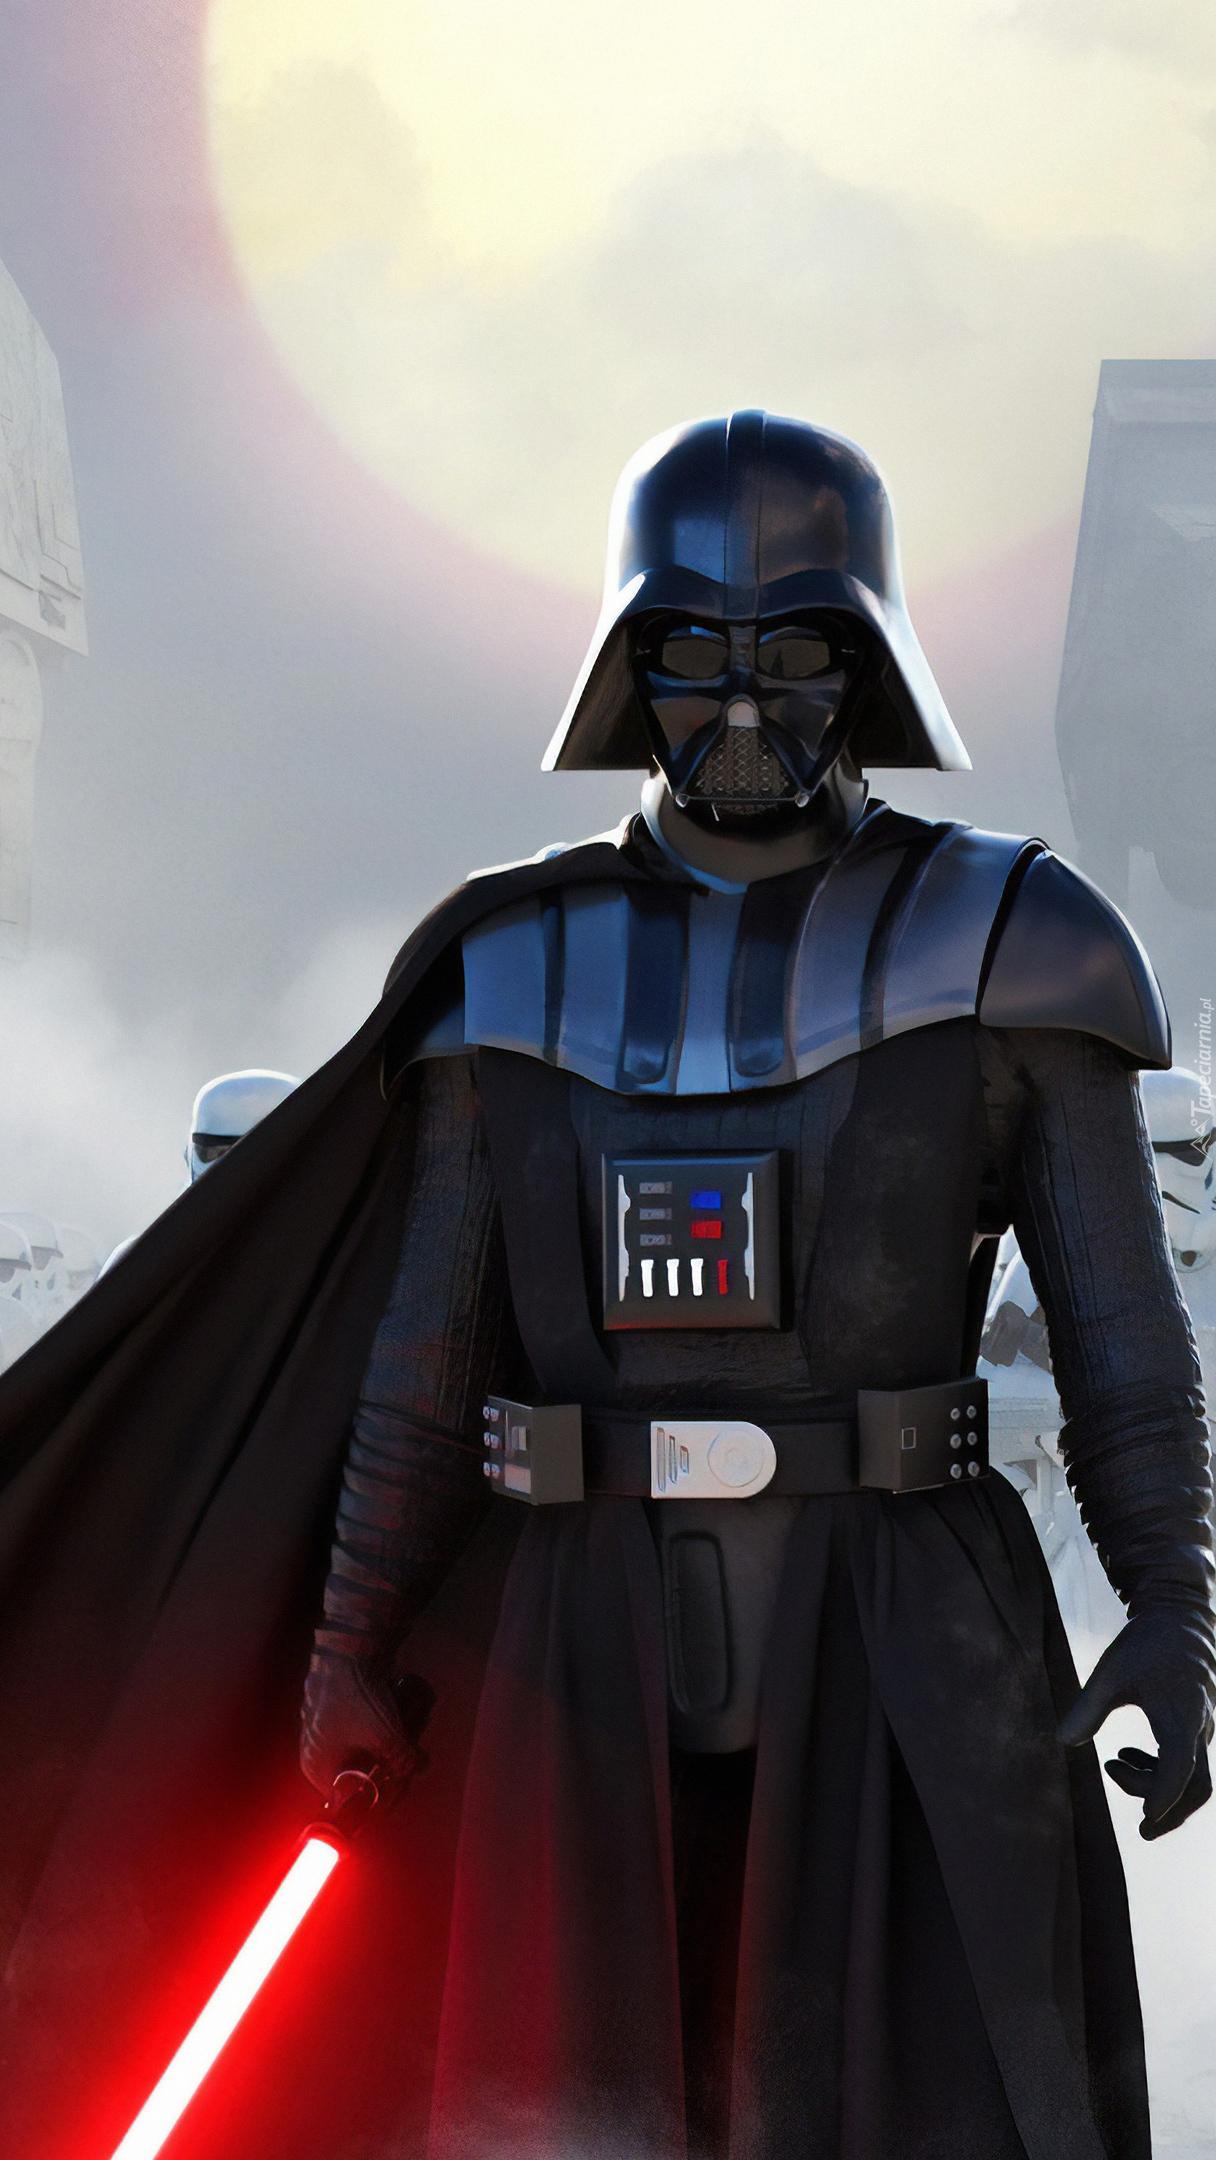 Lord Vader z mieczem świetlnym